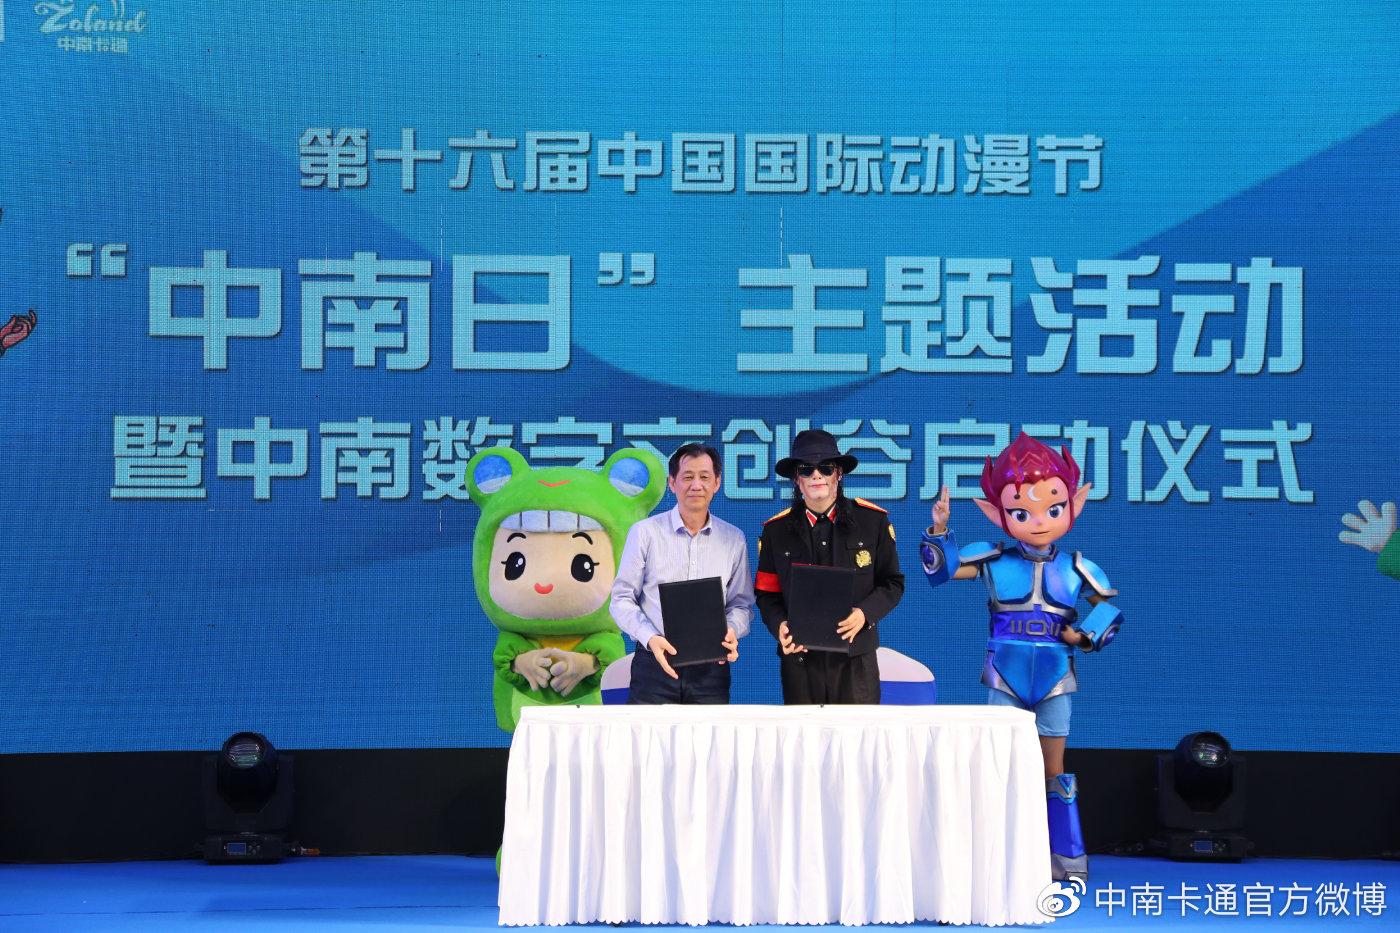 中南卡通执行总裁於敏与著名特型演员、世界著名中国MJ模仿者王杰克逊签署战略合作协议